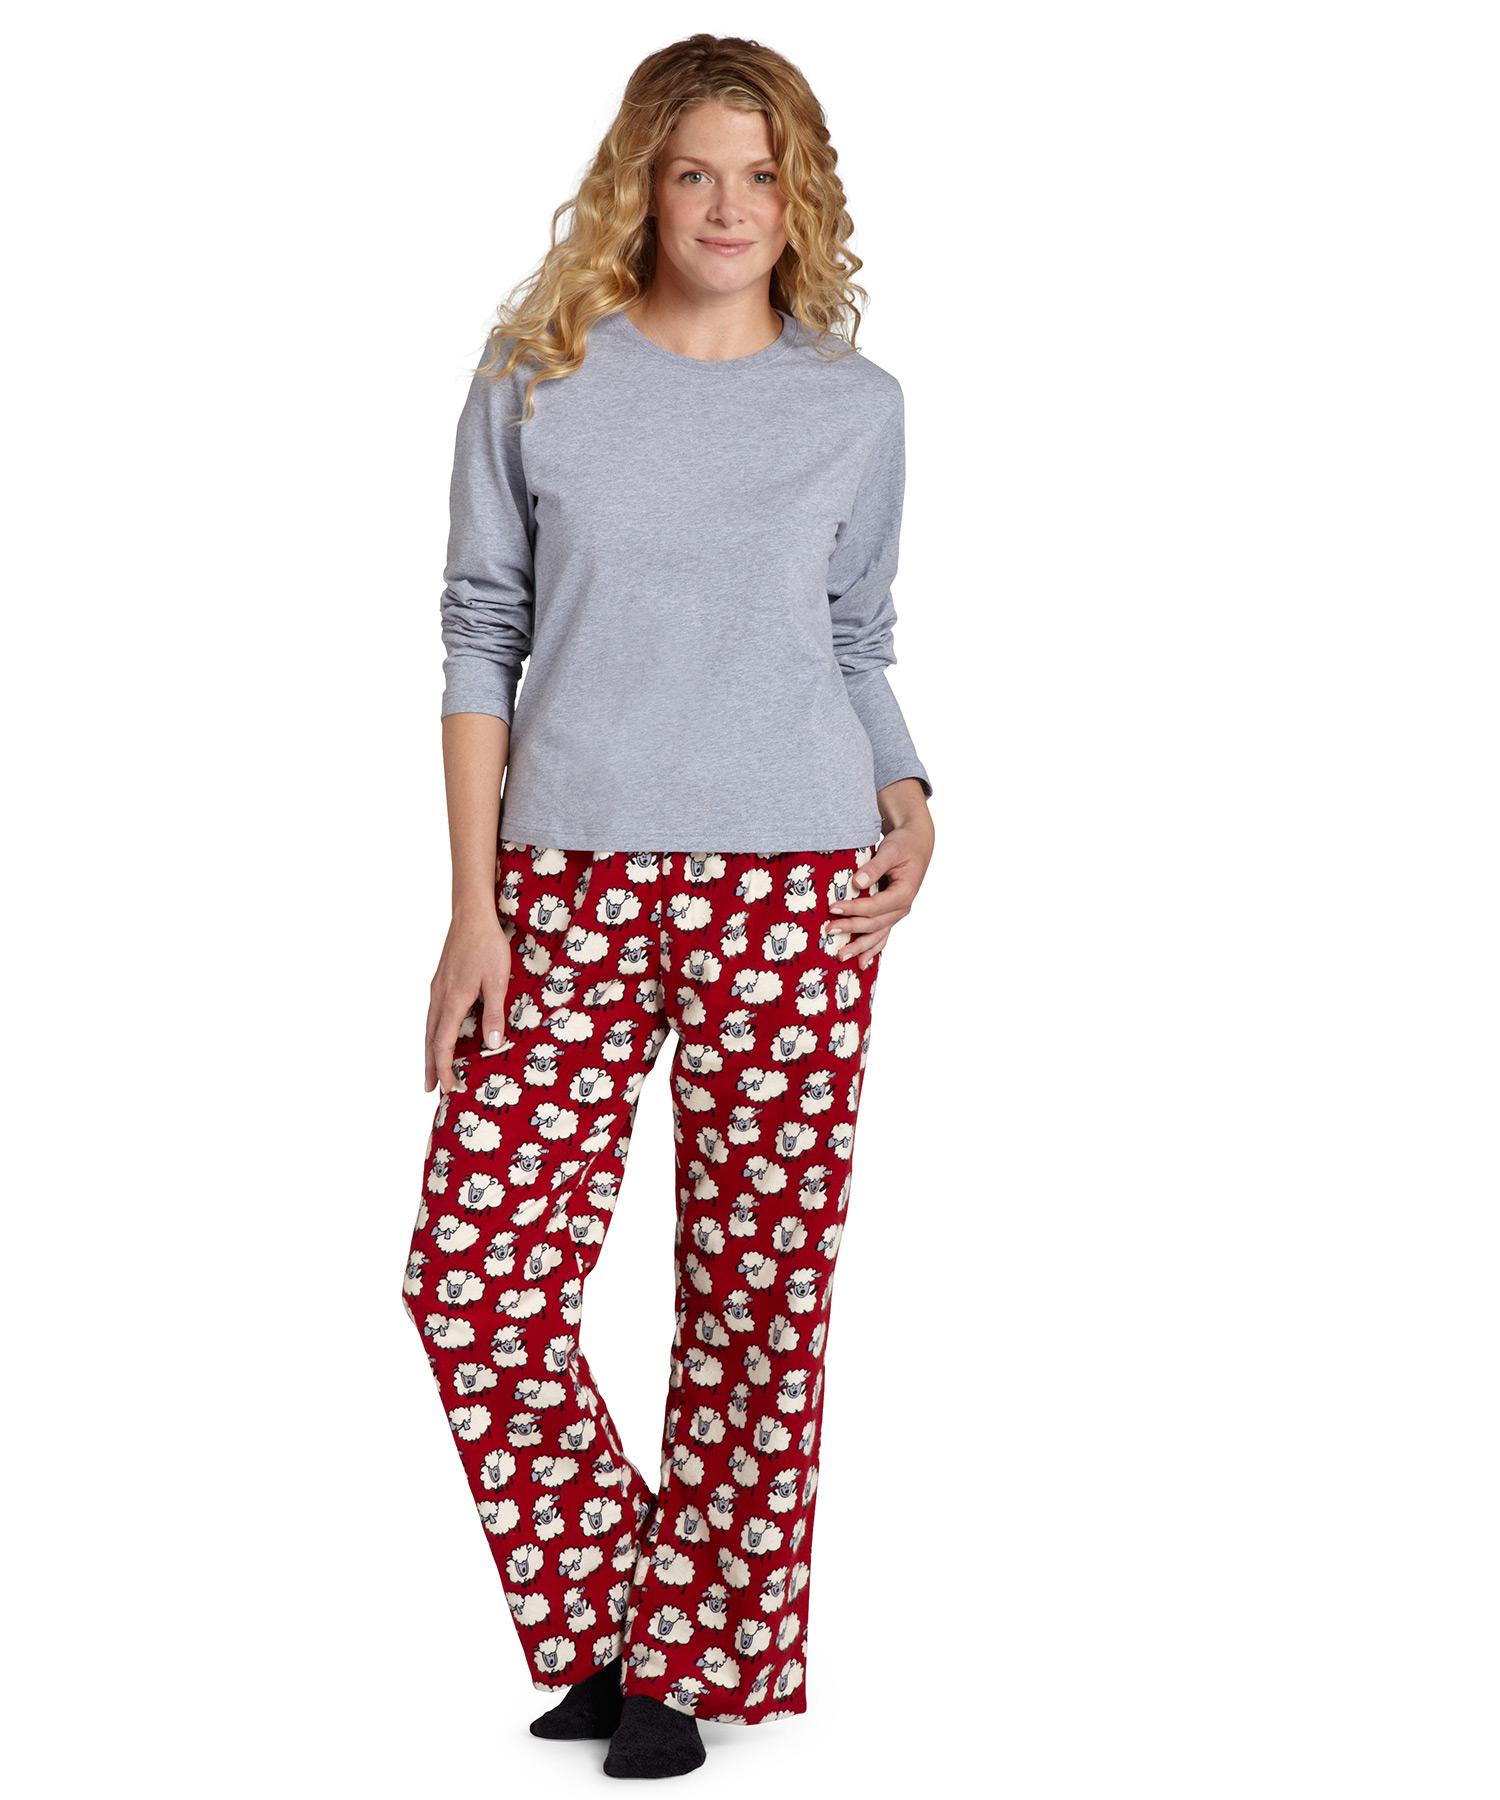 importance of pajamas for women - thefashiontamer.com hbrxnpe